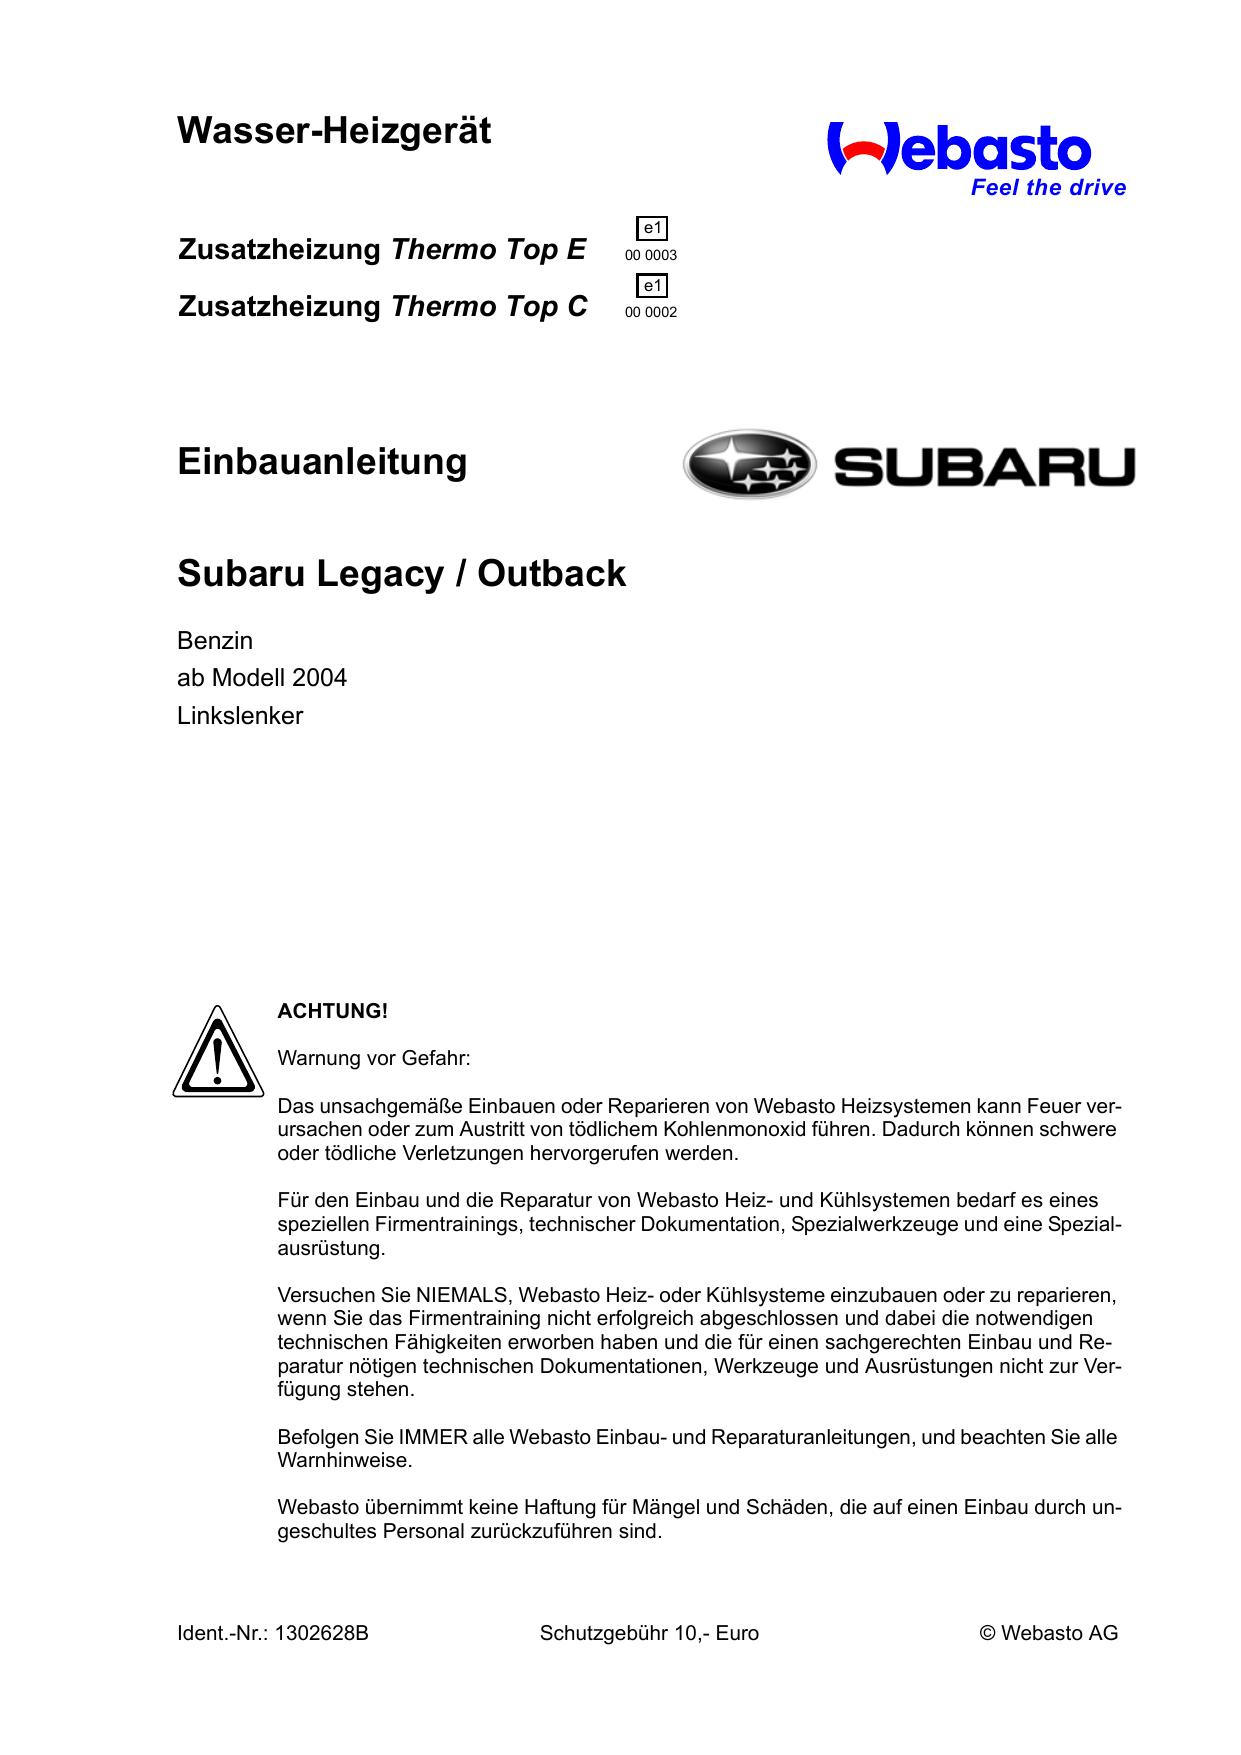 Wasser-Heizgerät Einbauanleitung Subaru Legacy / Outback   manualzz.com